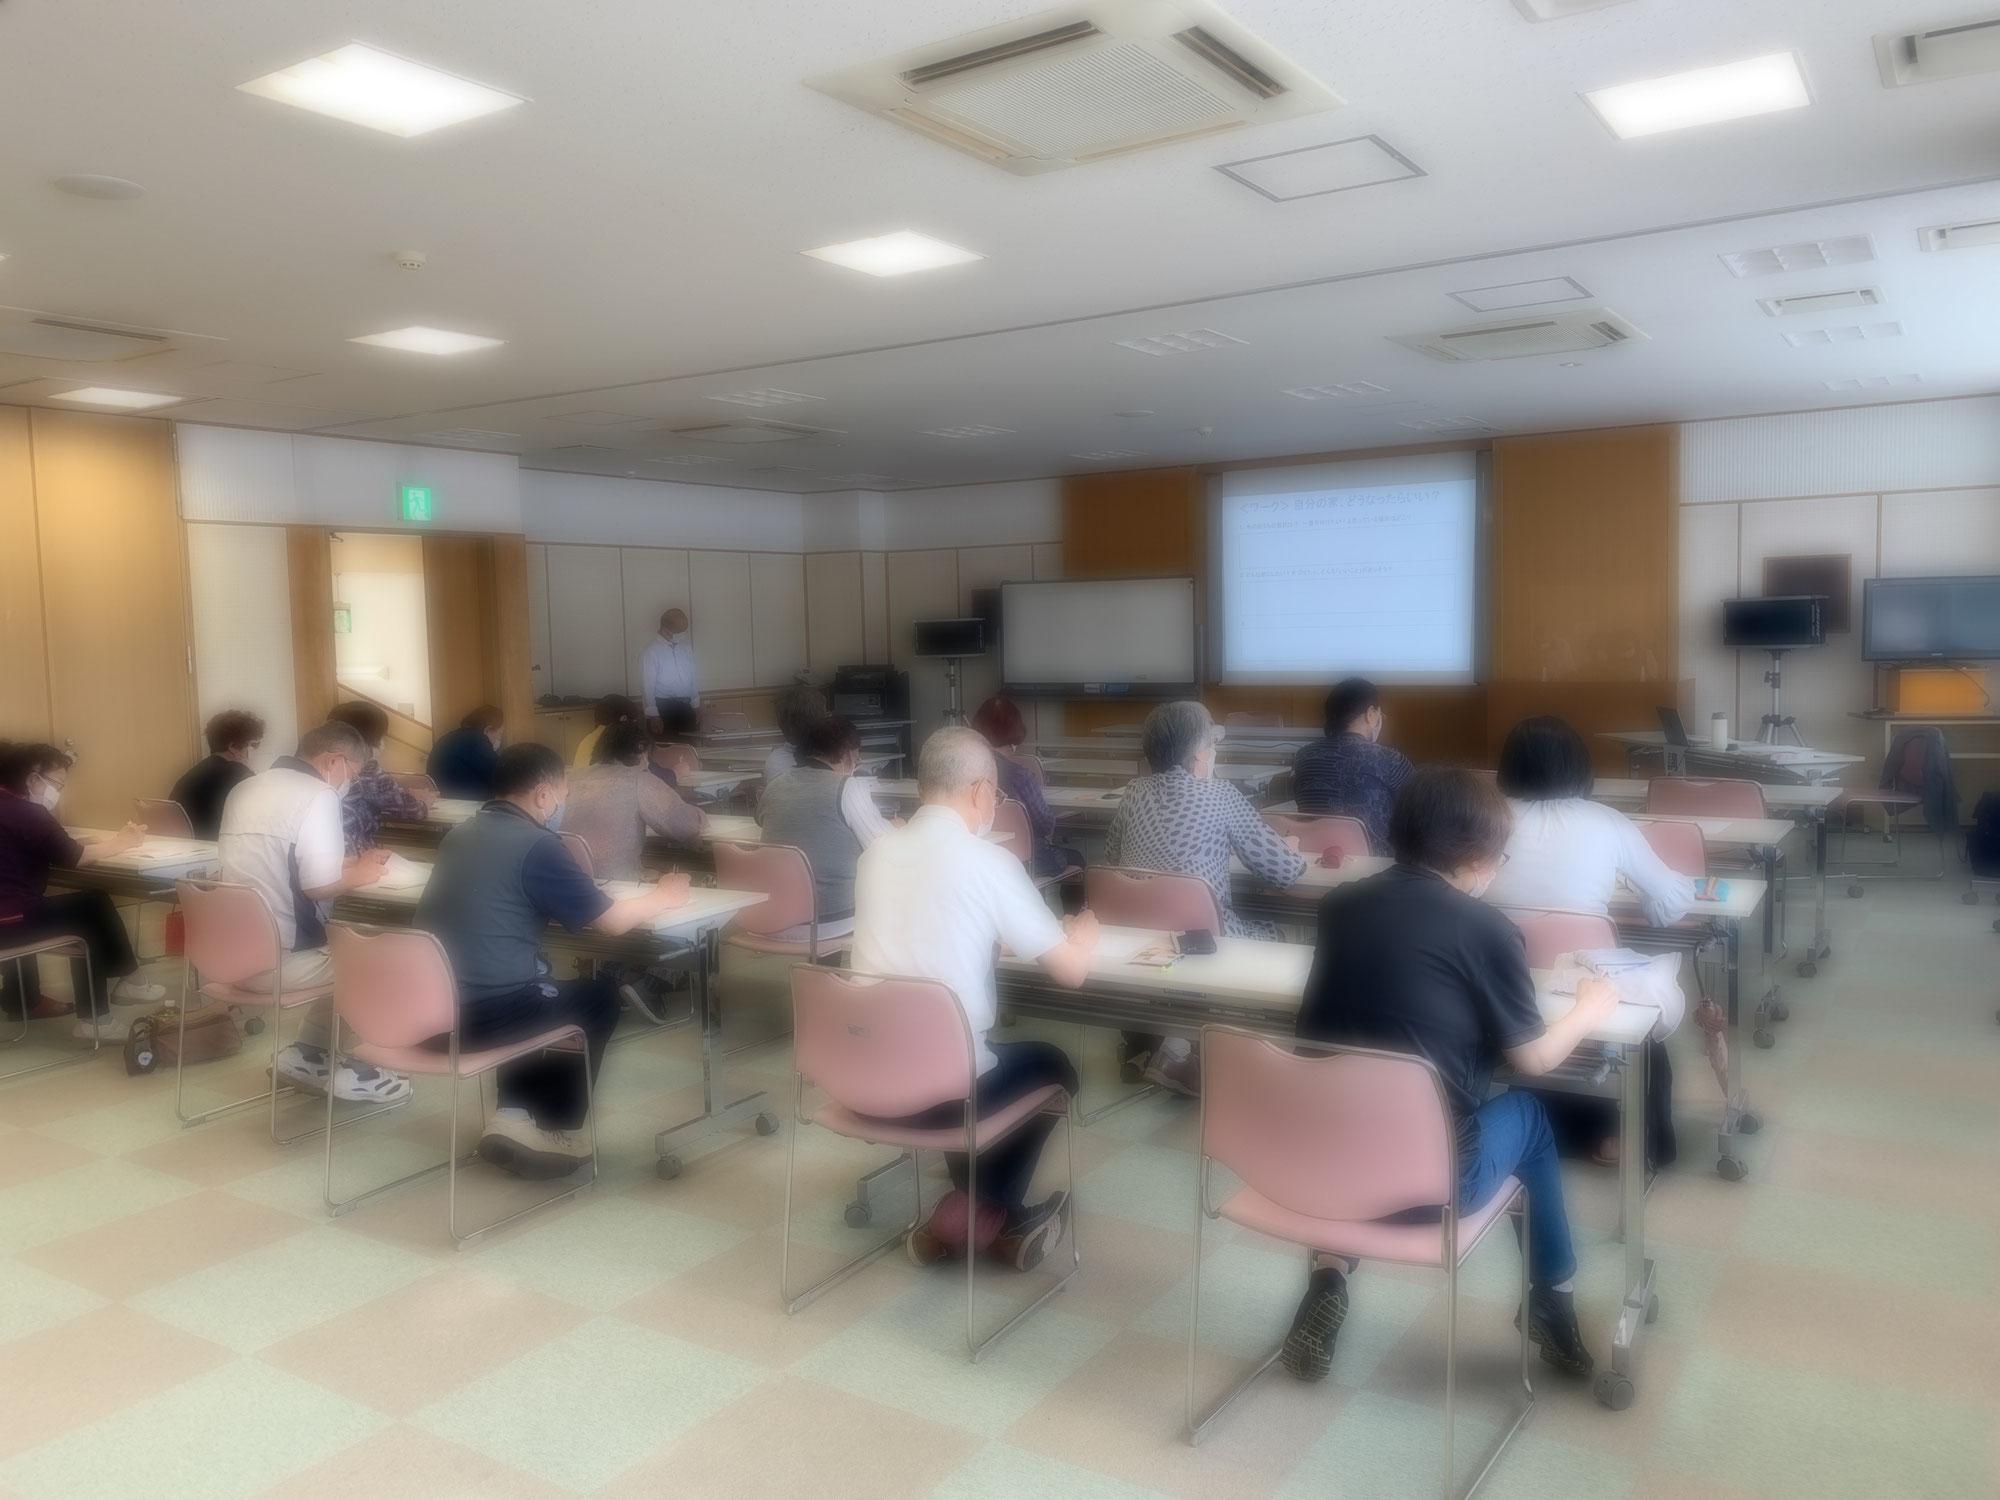 【出張講座】一関市内2会場で整理収納講座でした!